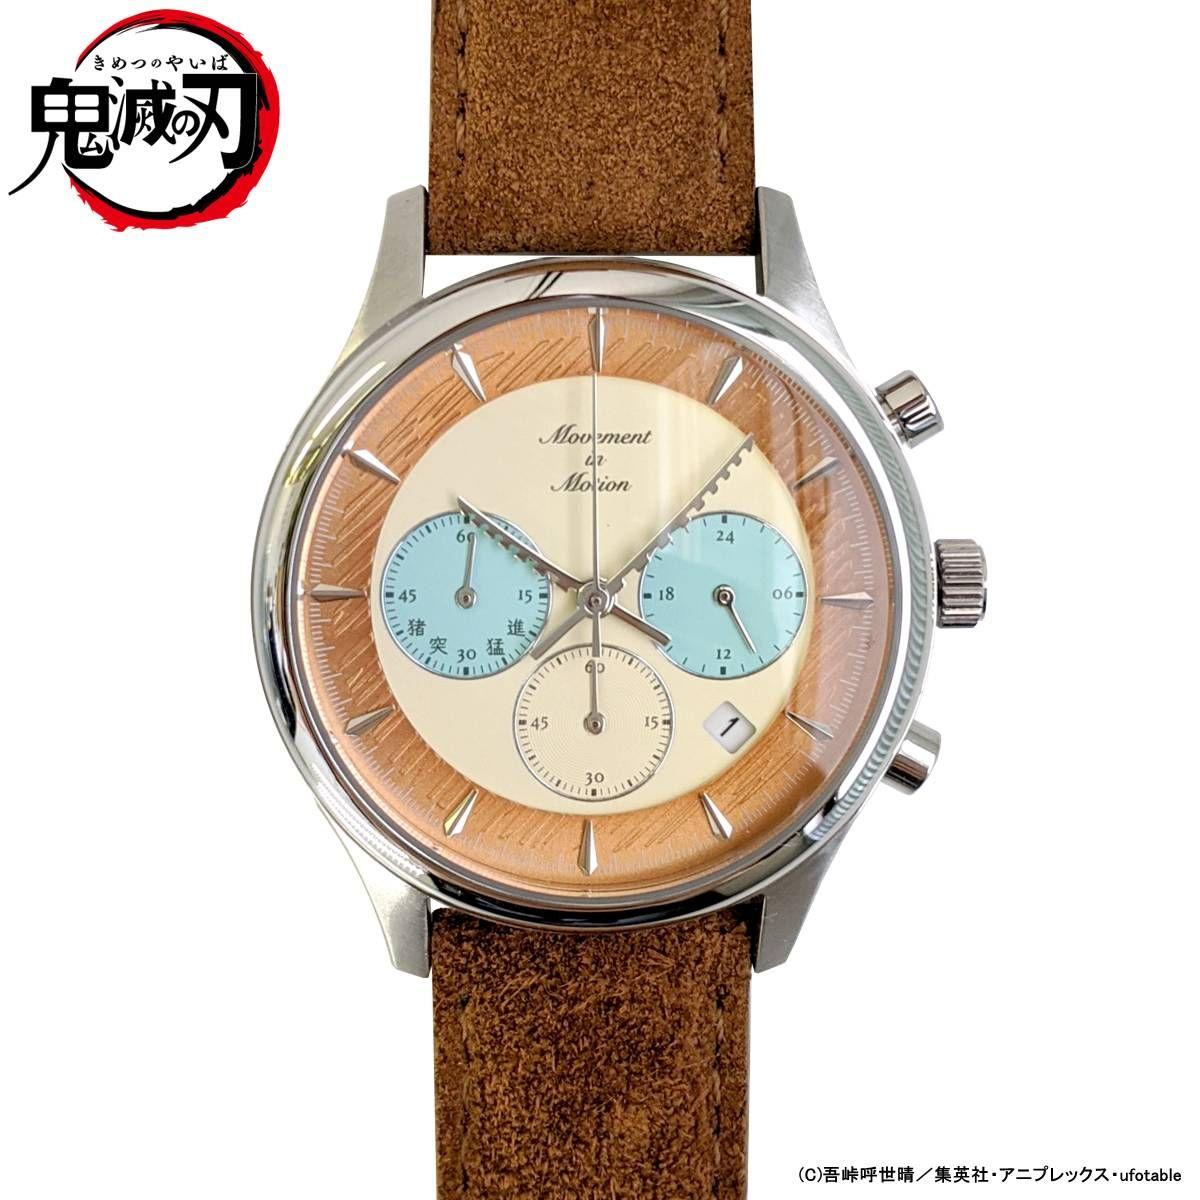 【限定販売】鬼滅の刃『TiCTACコラボレーションデザインウォッチ』腕時計-005